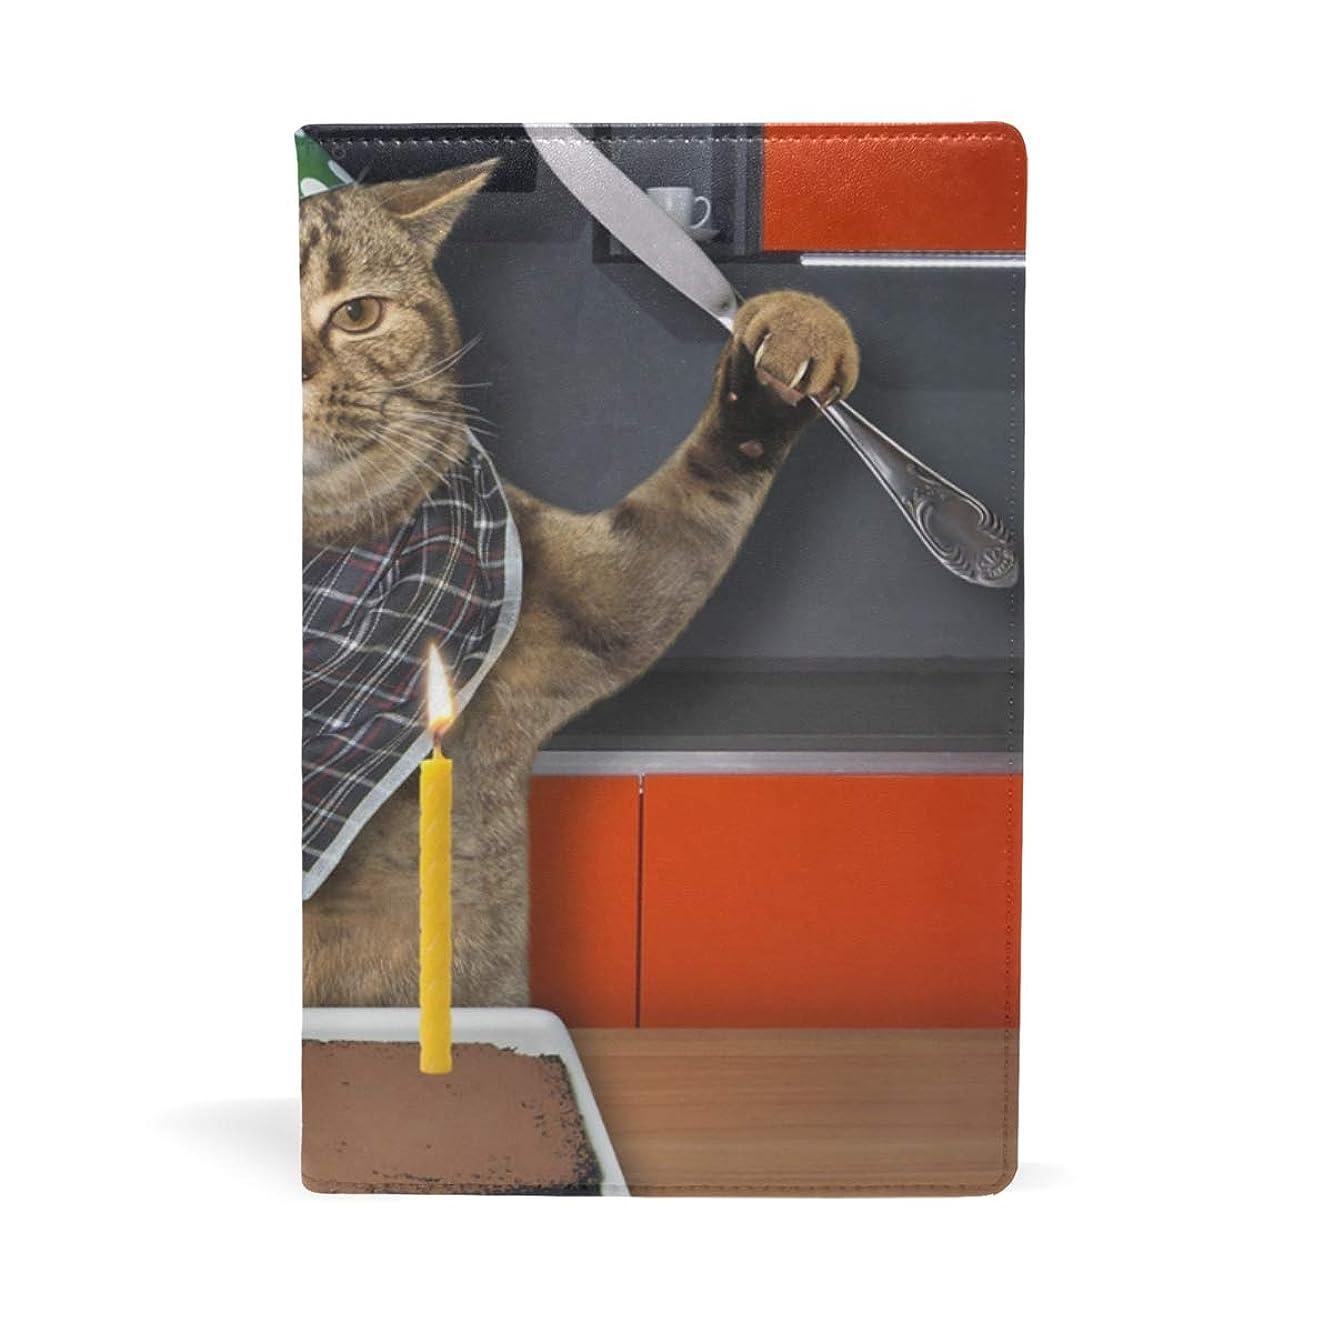 説明的ハシー性別誕生日祝いケーキ猫 ブックカバー 文庫 a5 皮革 おしゃれ 文庫本カバー 資料 収納入れ オフィス用品 読書 雑貨 プレゼント耐久性に優れ